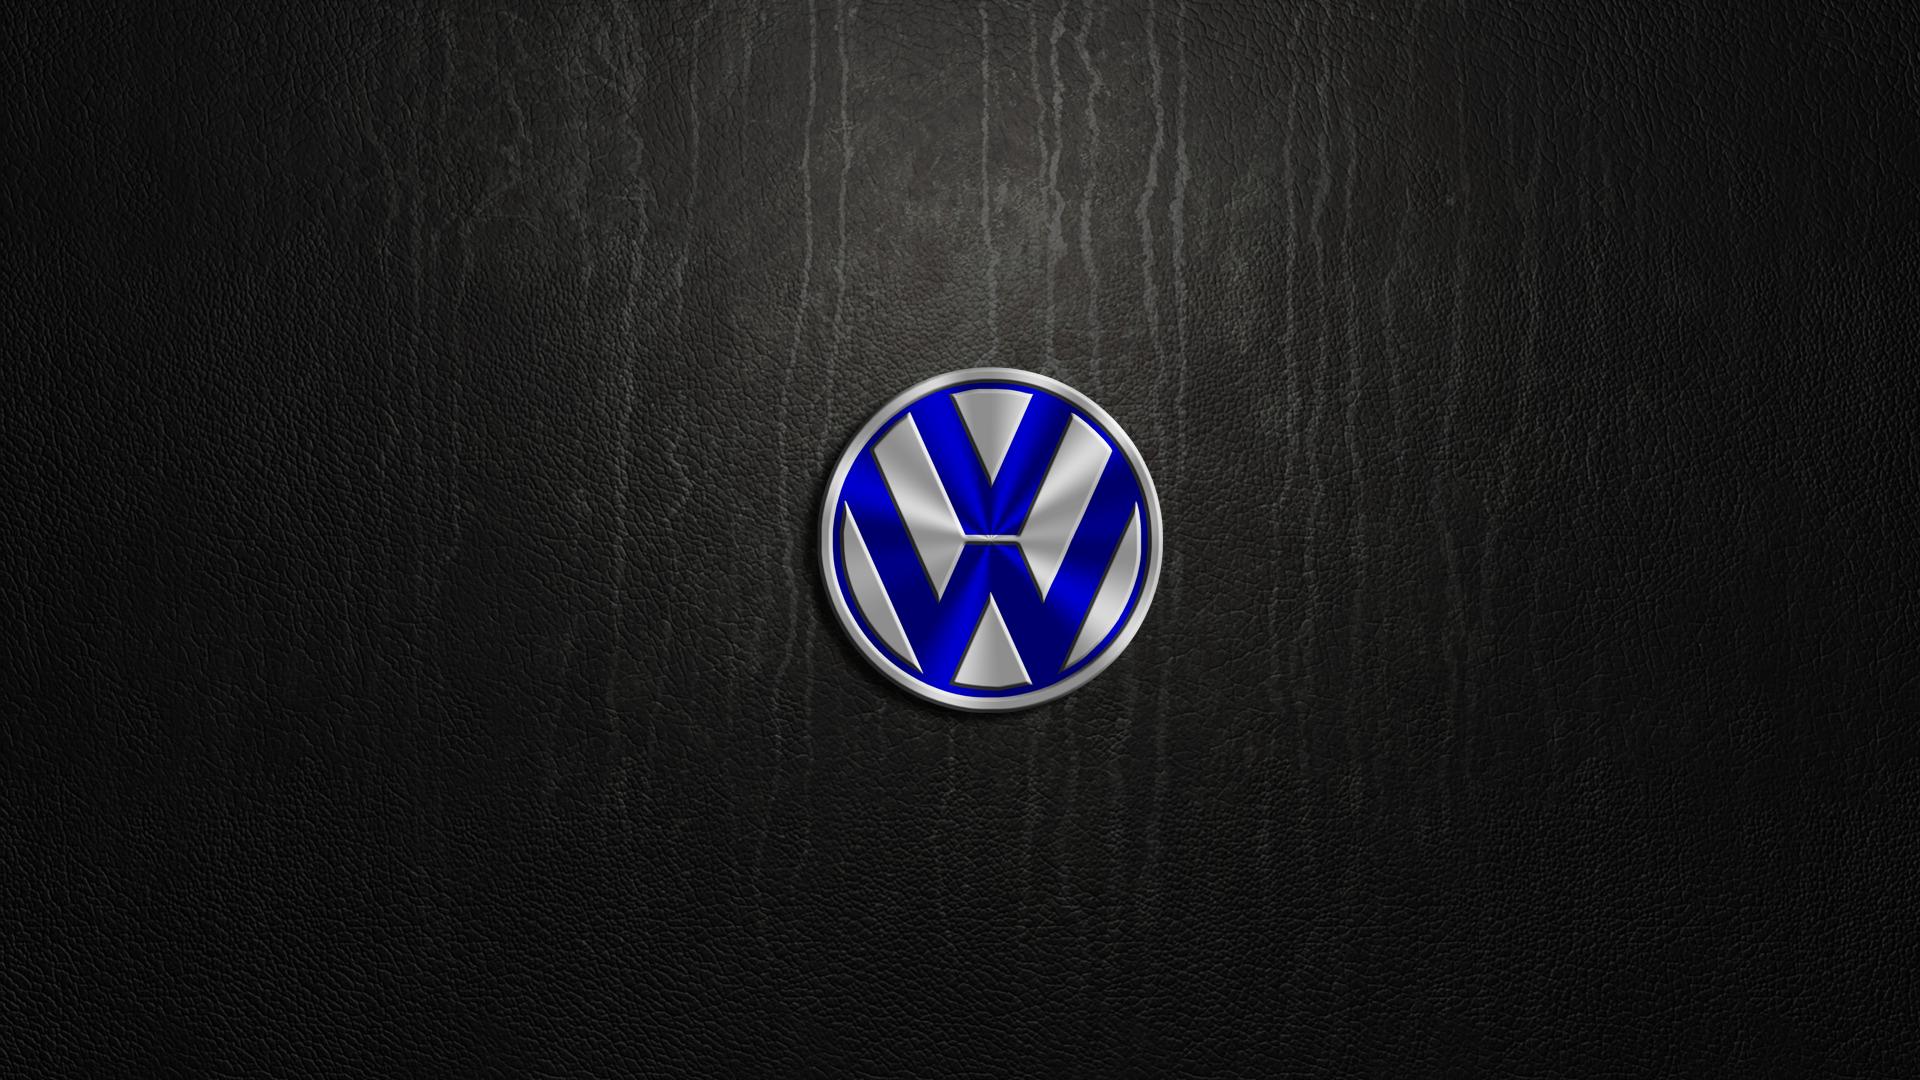 Volkswagen Wallpapers Hintergrnde 1920x1080 ID400499 1920x1080